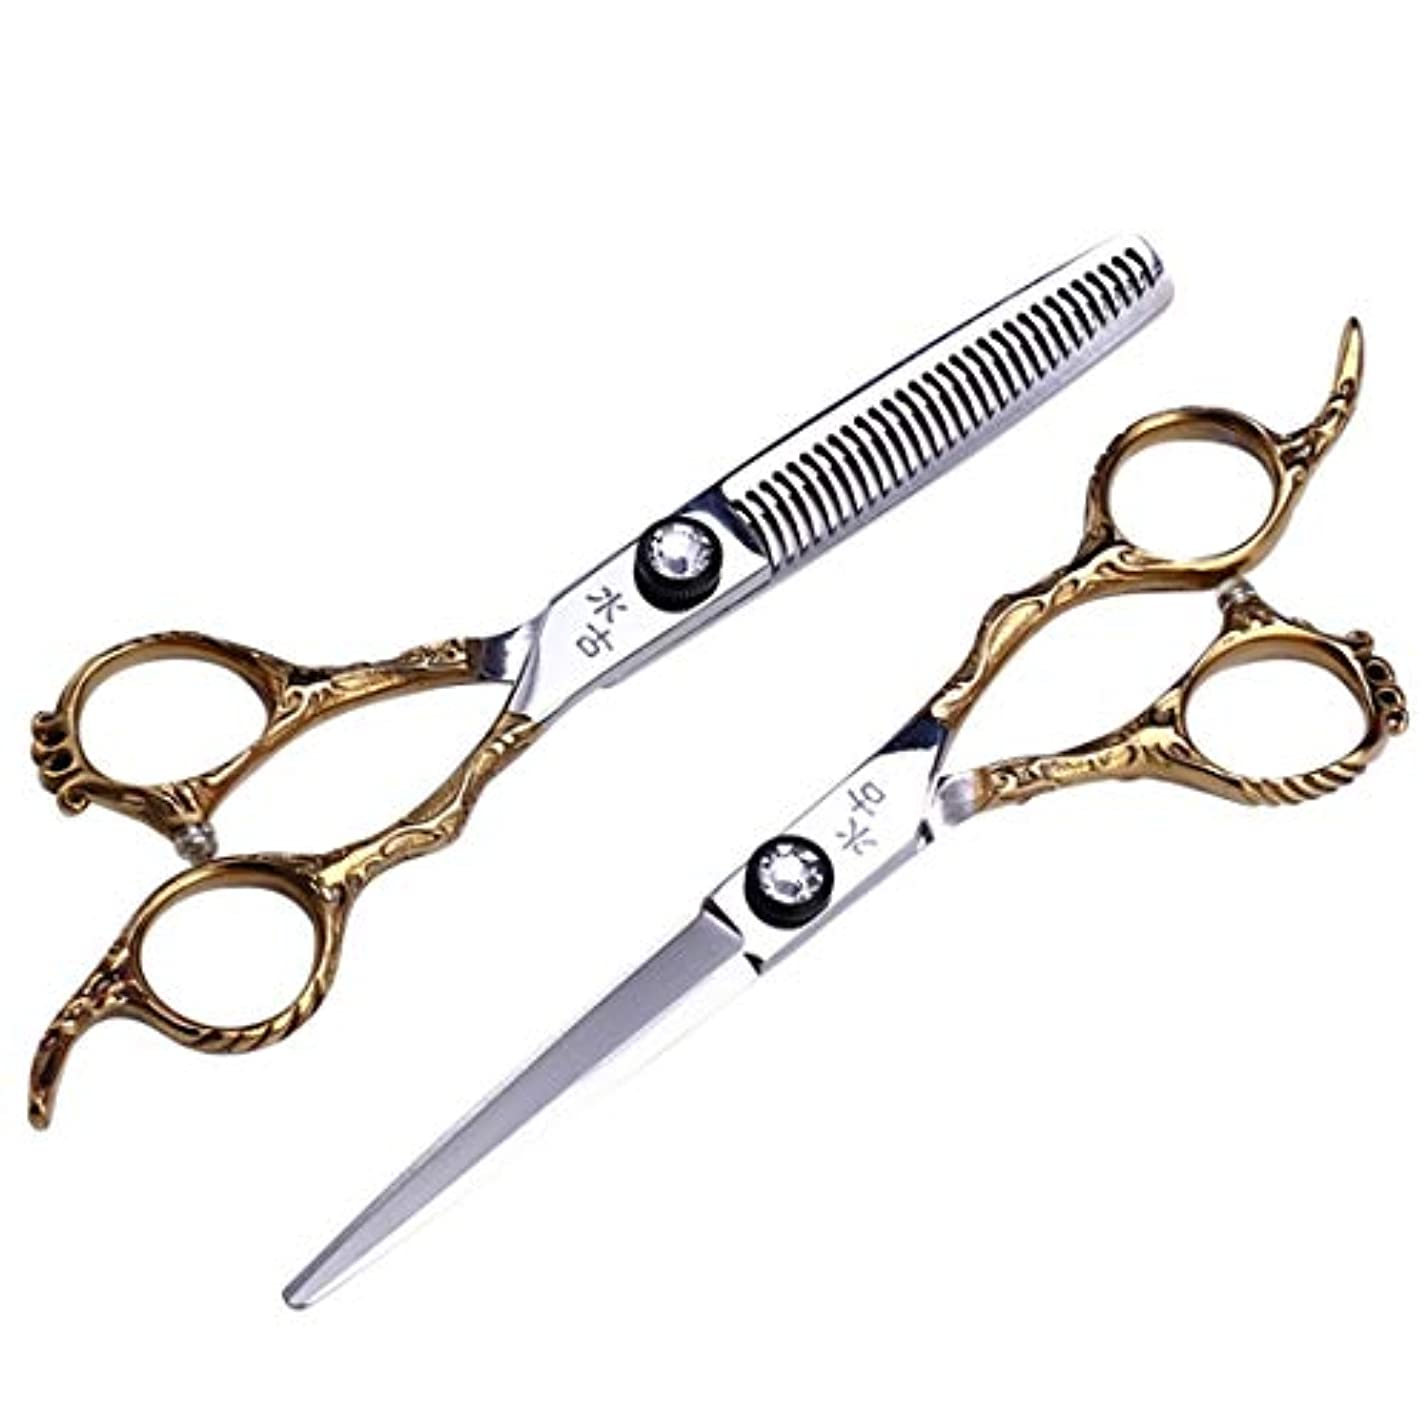 星収益まさにJiaoran プロの理髪はさみ、歯はさみ+フラットシャーリングセット6.0インチ理髪サロンツールセット (Color : Gold)